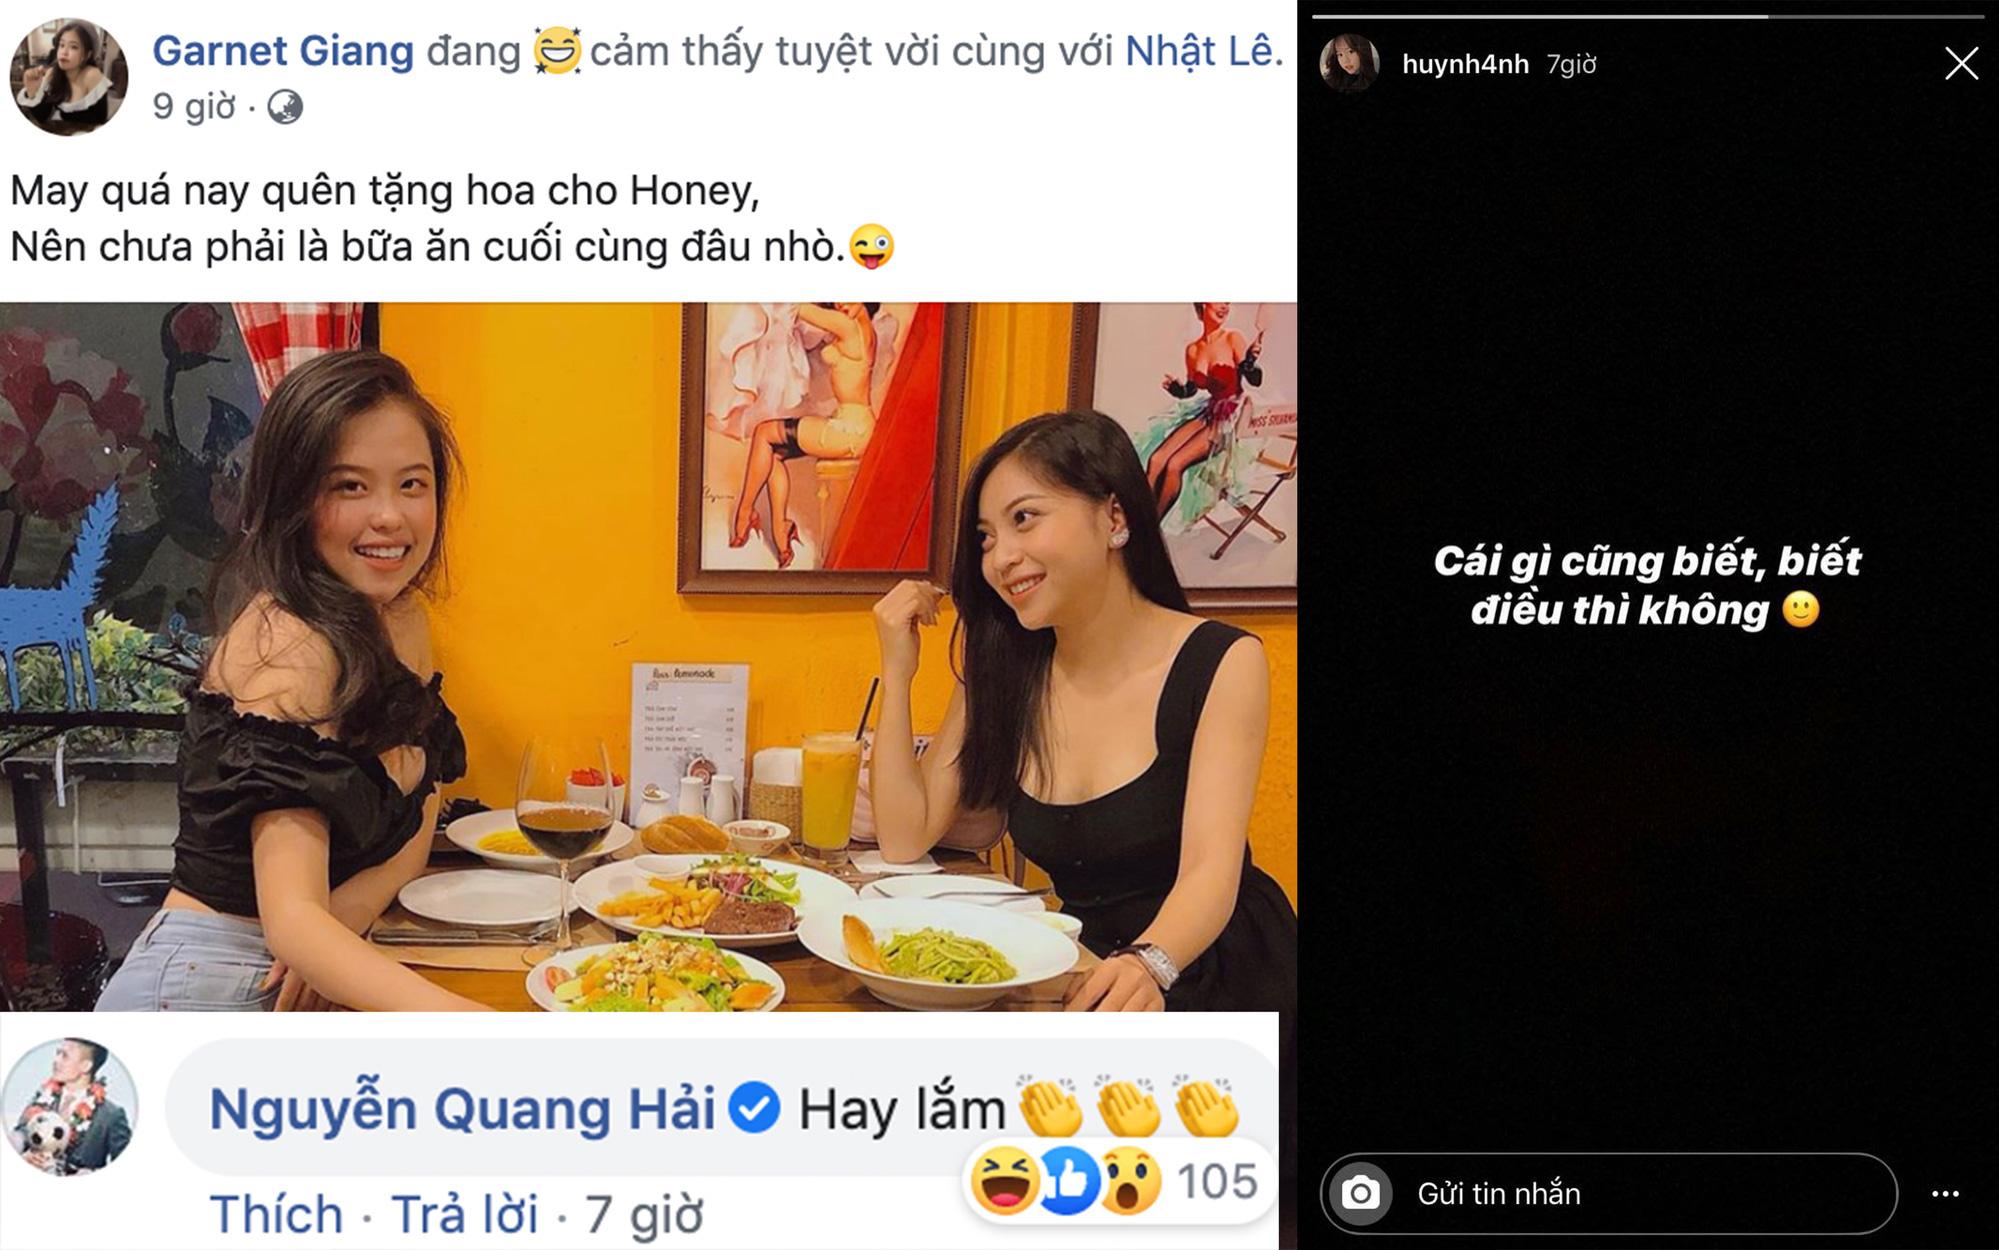 """Quang Hải bình luận trong bài viết tag tên Nhật Lê, Huỳnh Anh liền đăng status ẩn ý: """"Cái gì cũng biết, biết điều thì không"""""""